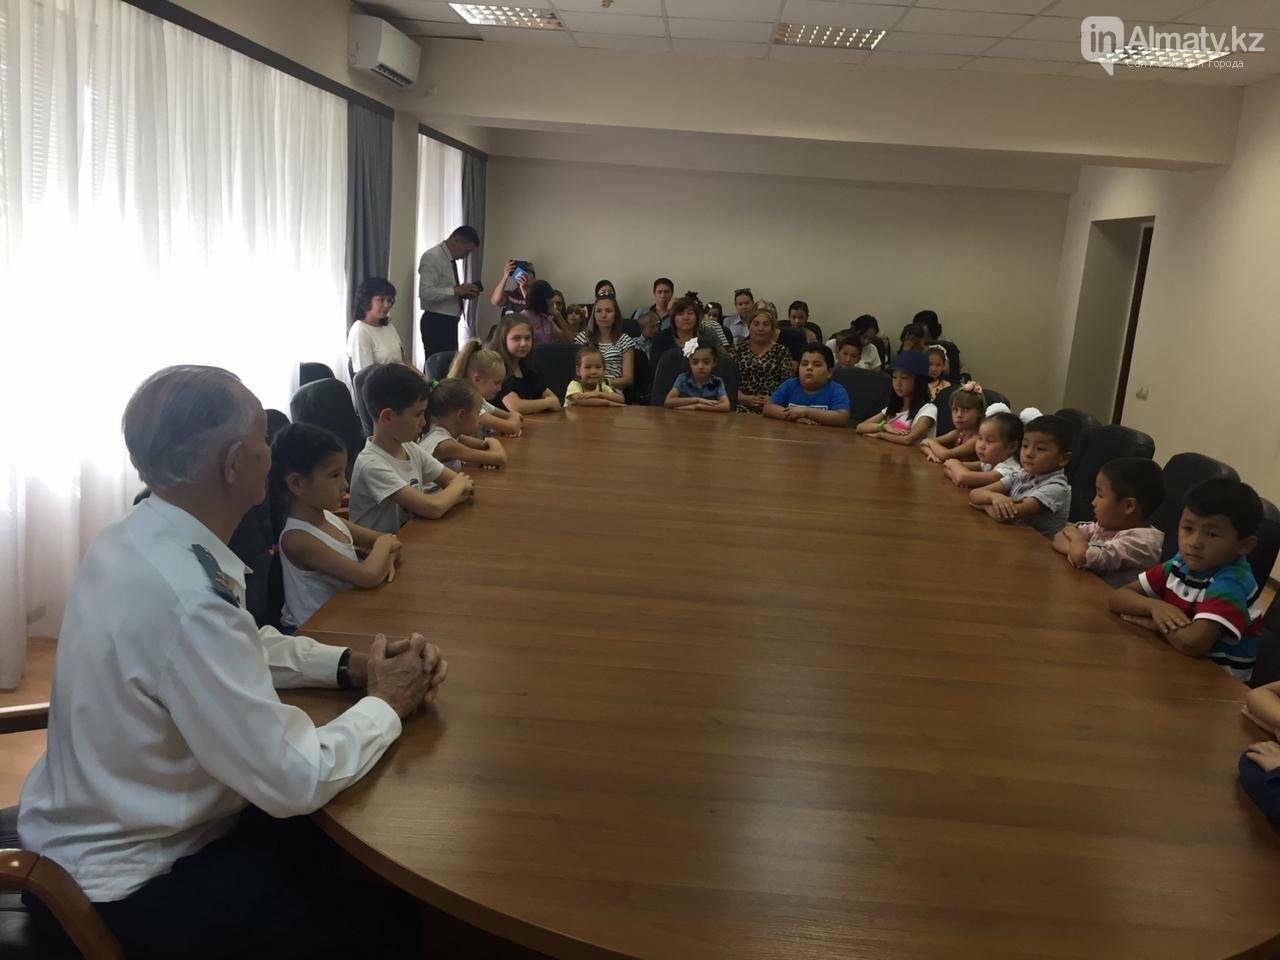 Совет Мира и Согласия РК помог 55 алматинским детям пойти в школу (фото), фото-2